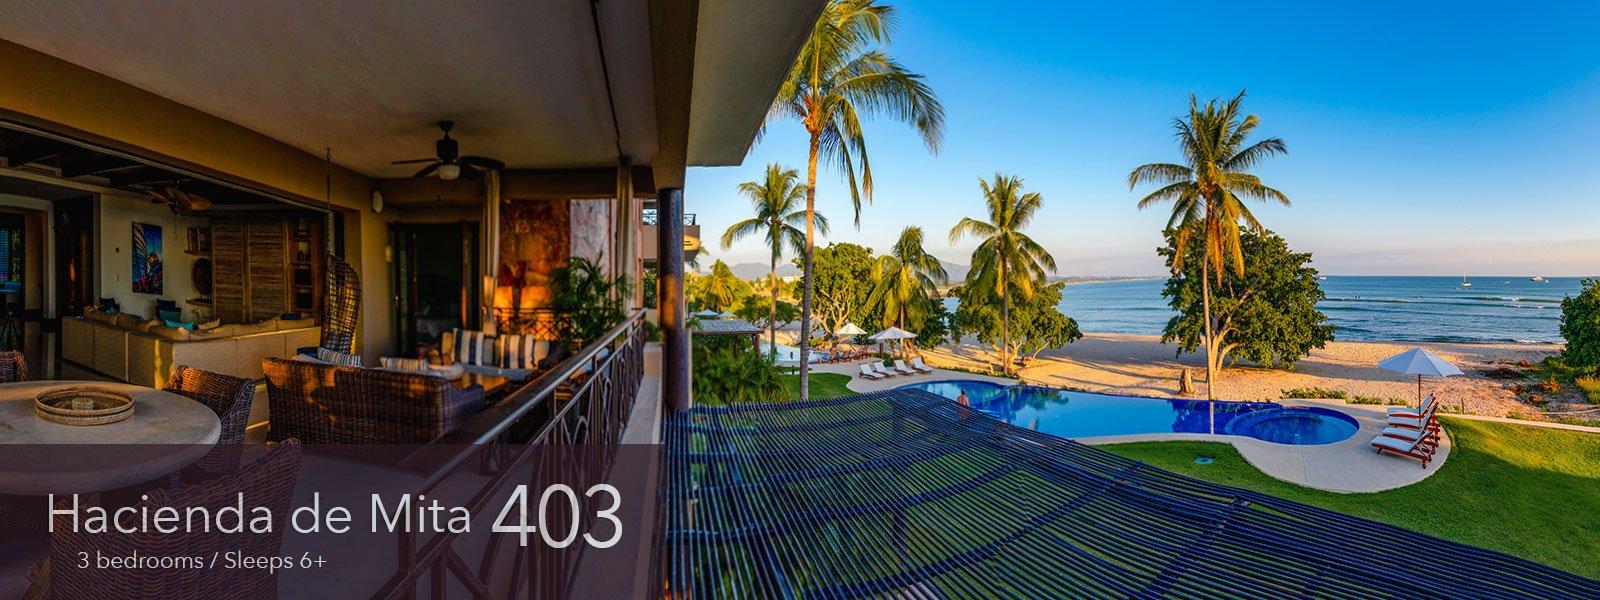 Hacienda de Mita 403 - Punta Mita Resort vacation rental condos on the beach for sale.